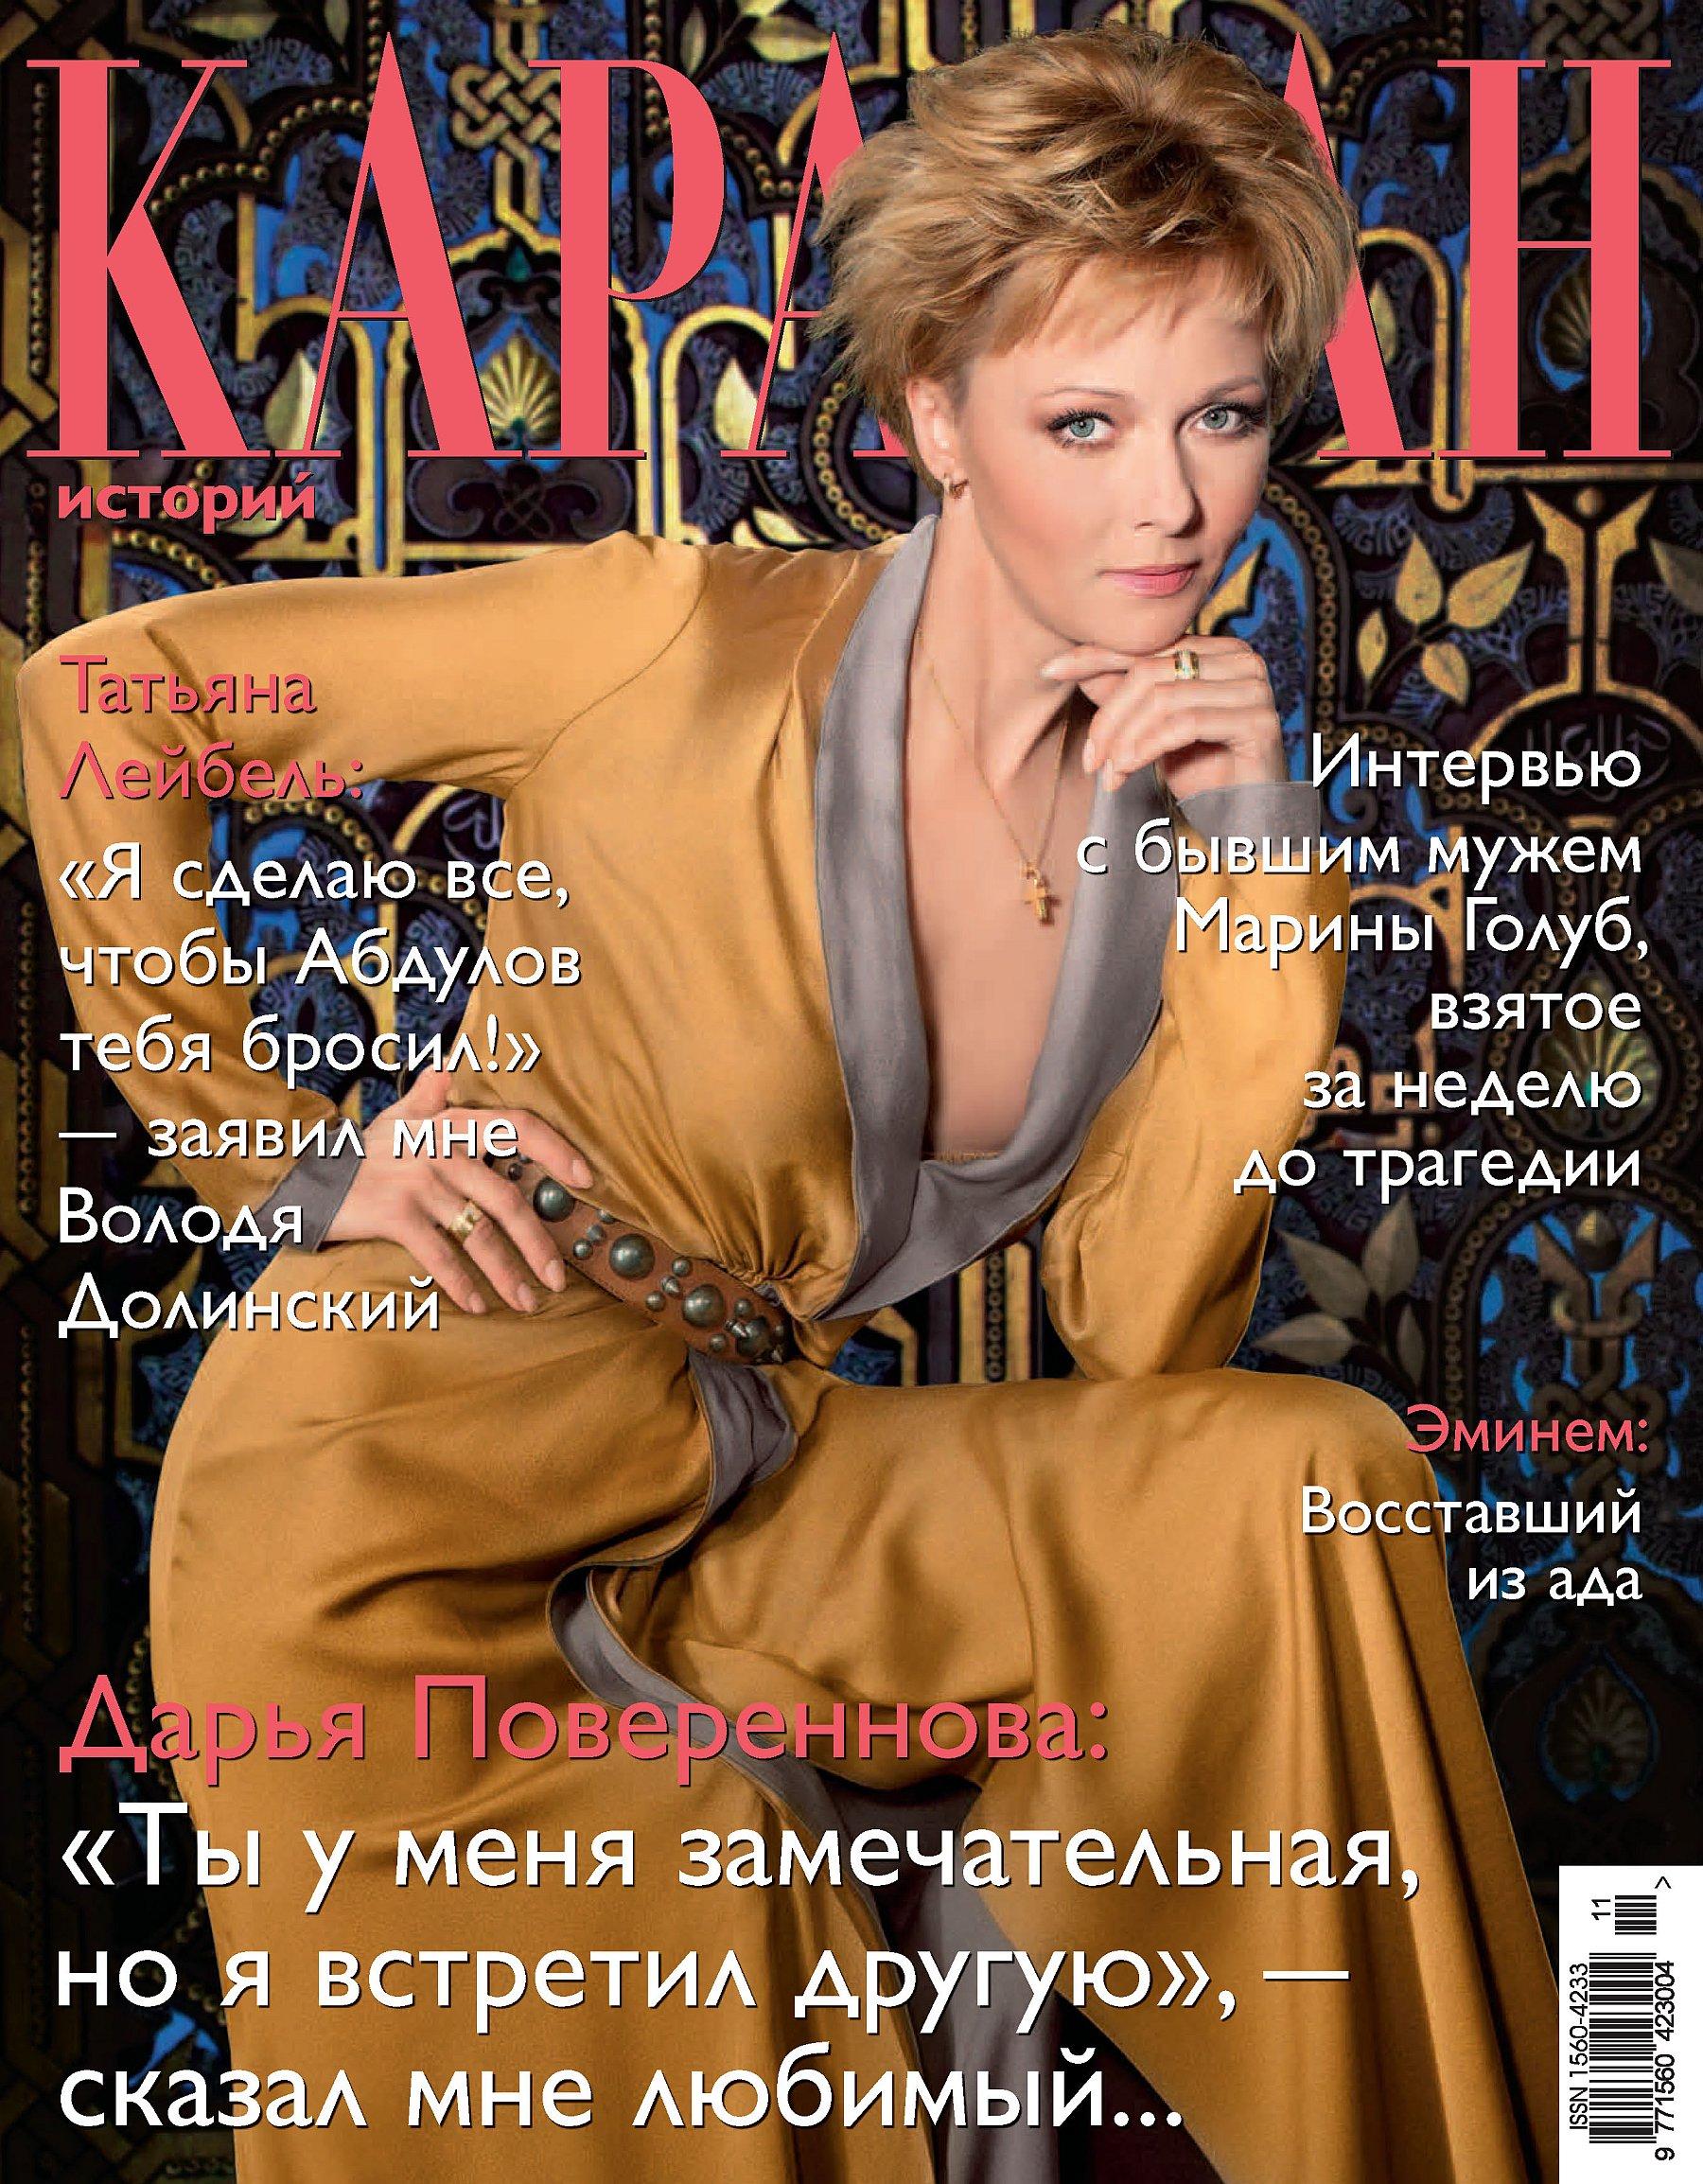 Отсутствует Караван историй №11 / ноябрь 2012